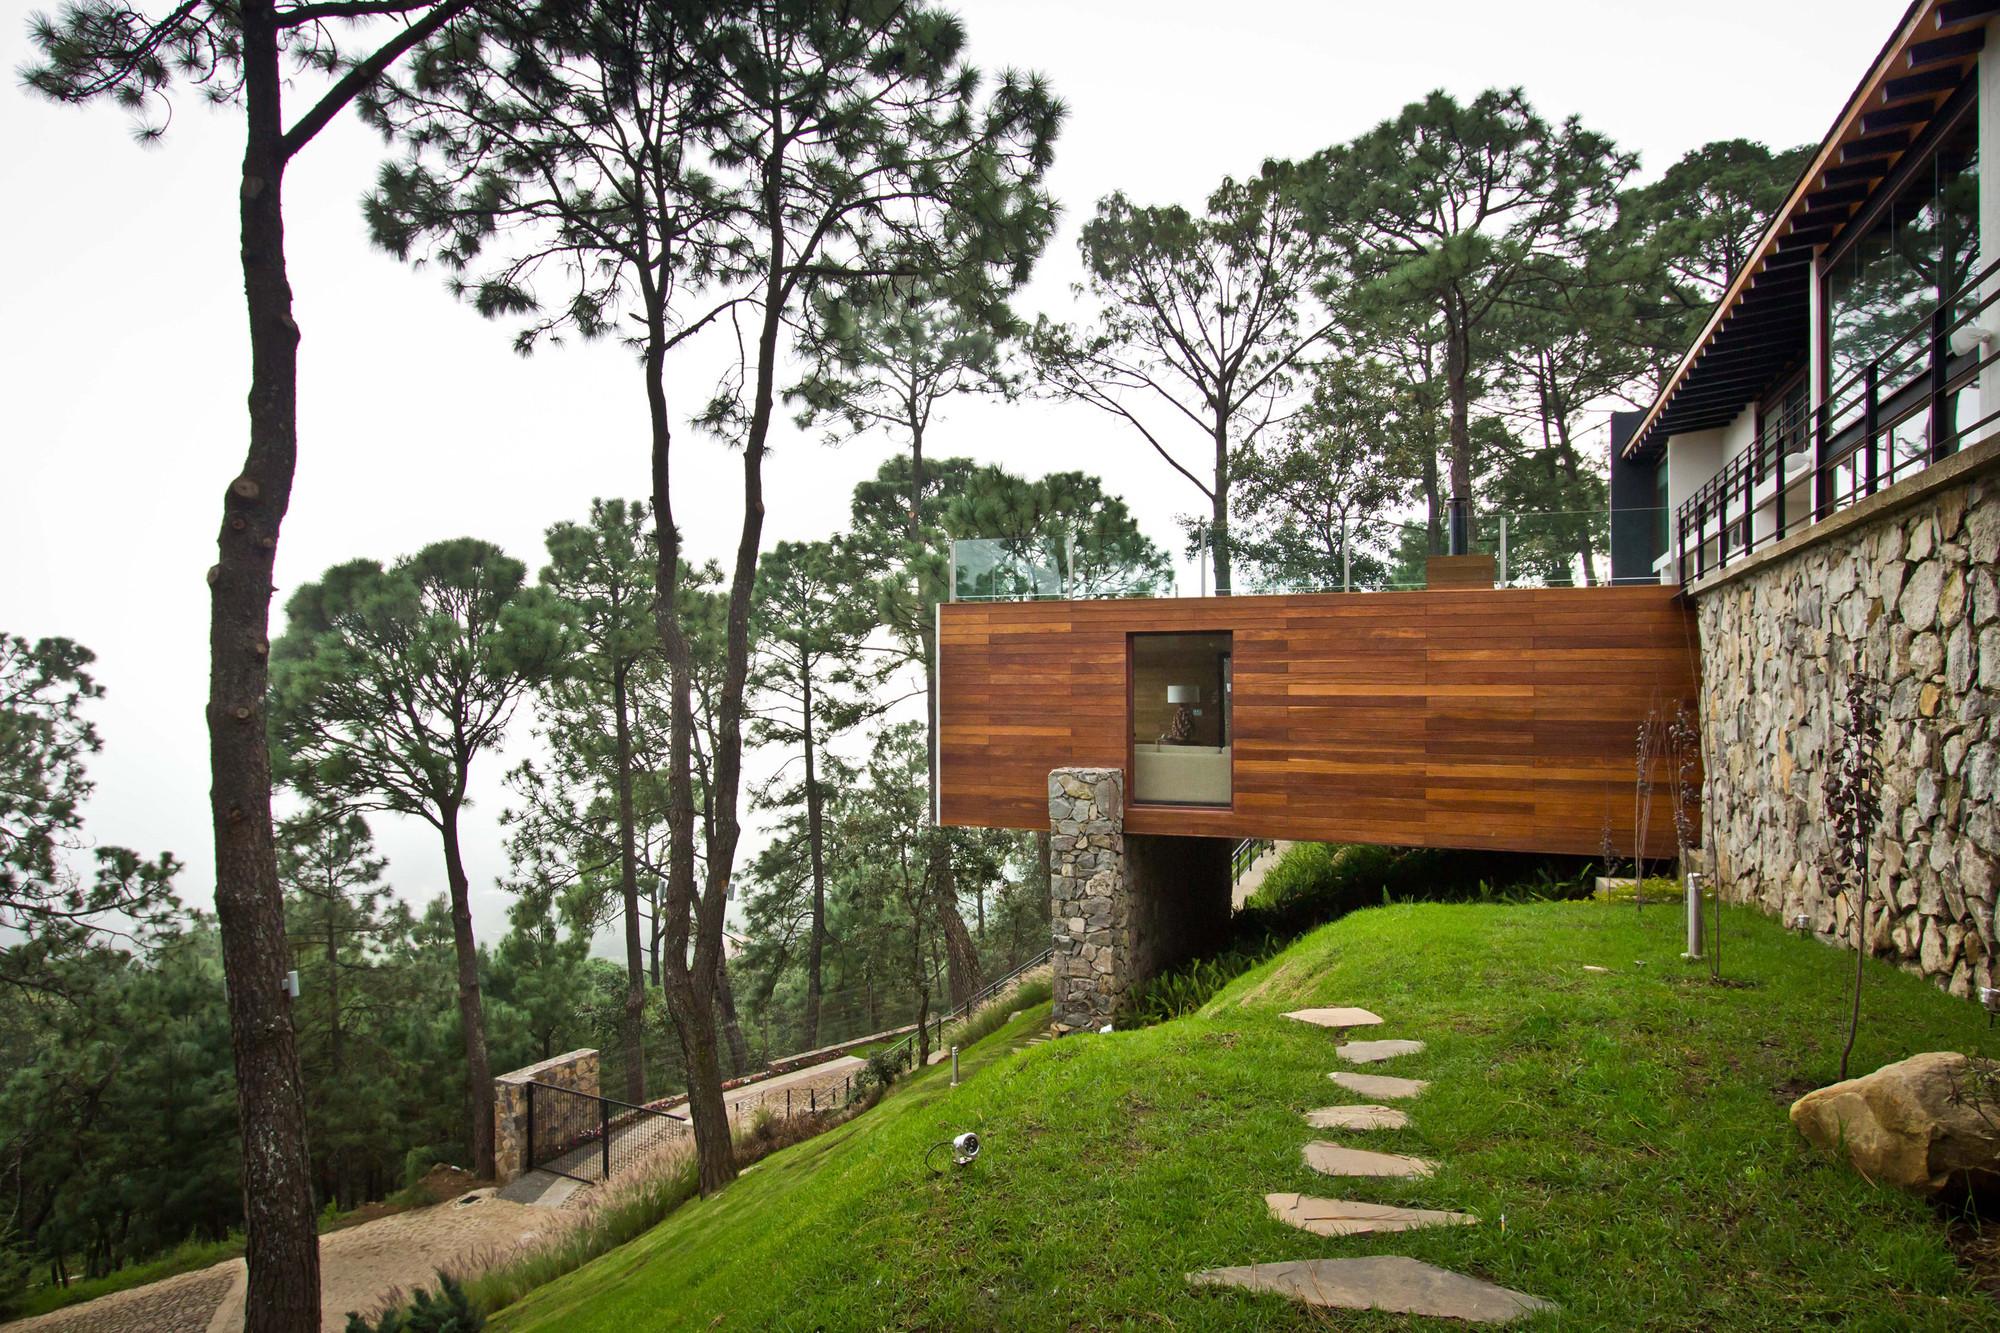 Gallery of the forest house espacio ema 8 - Casa rural el bosque navaconcejo ...